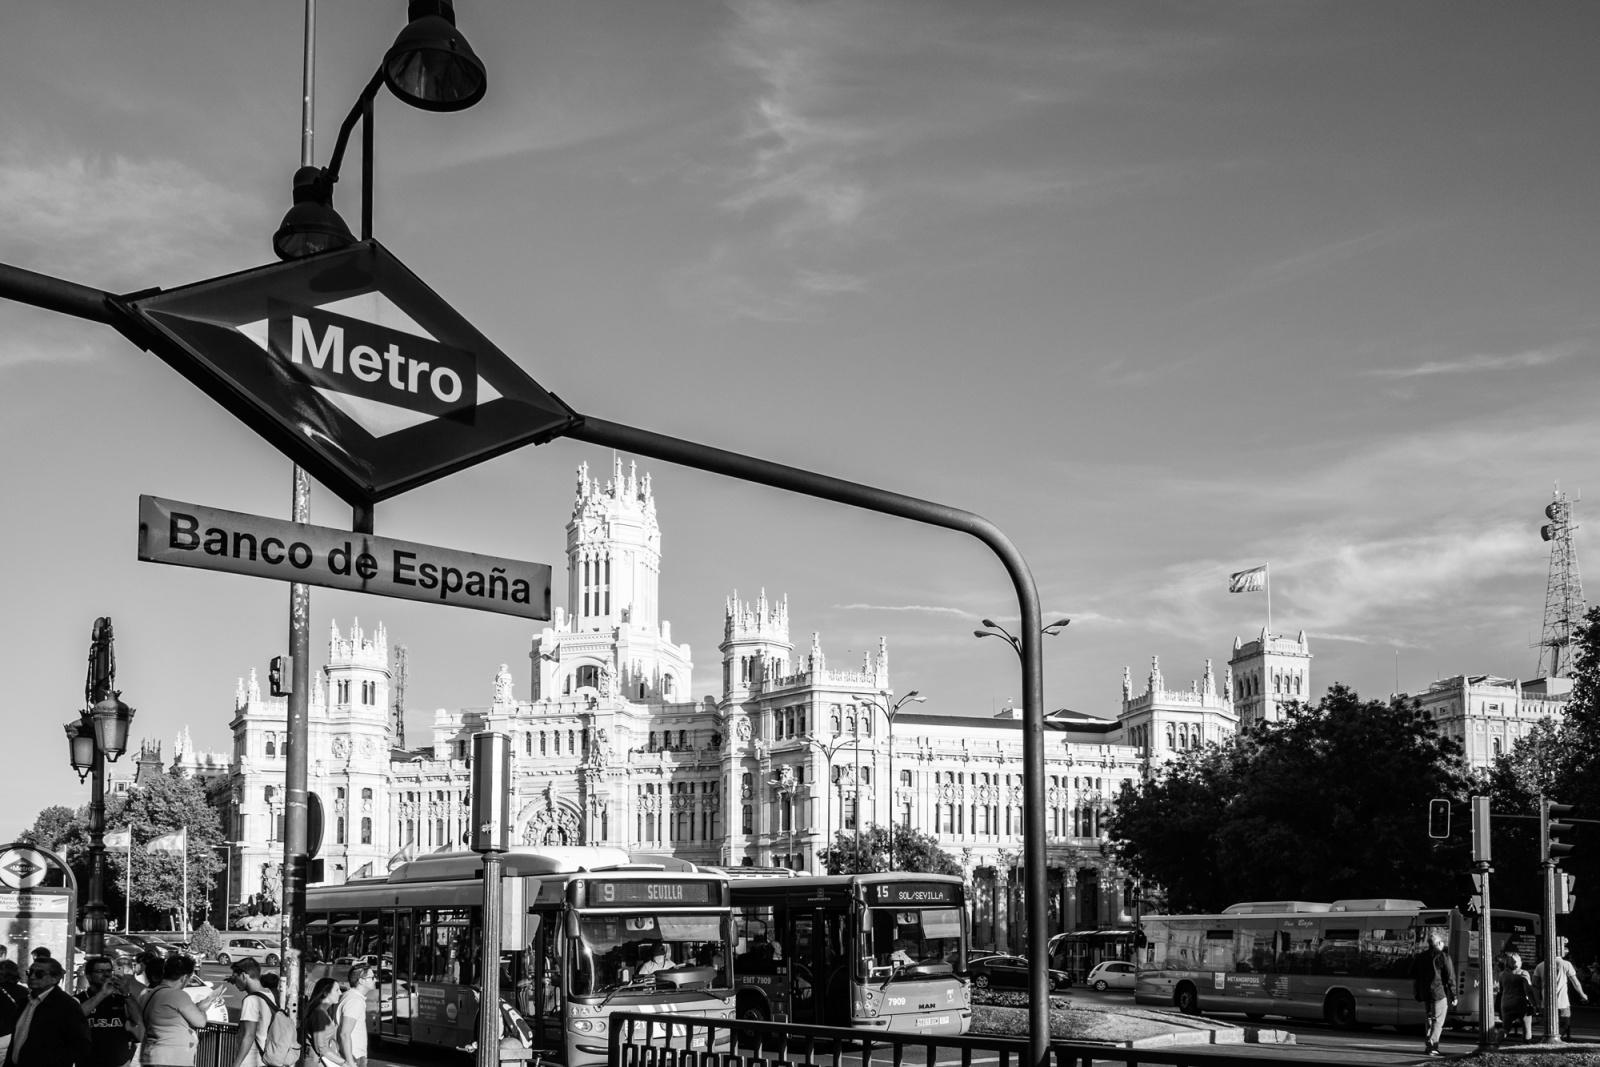 Plaza Cibeles - Fermata della metro in Plaza Cibeles - Madrid 2013